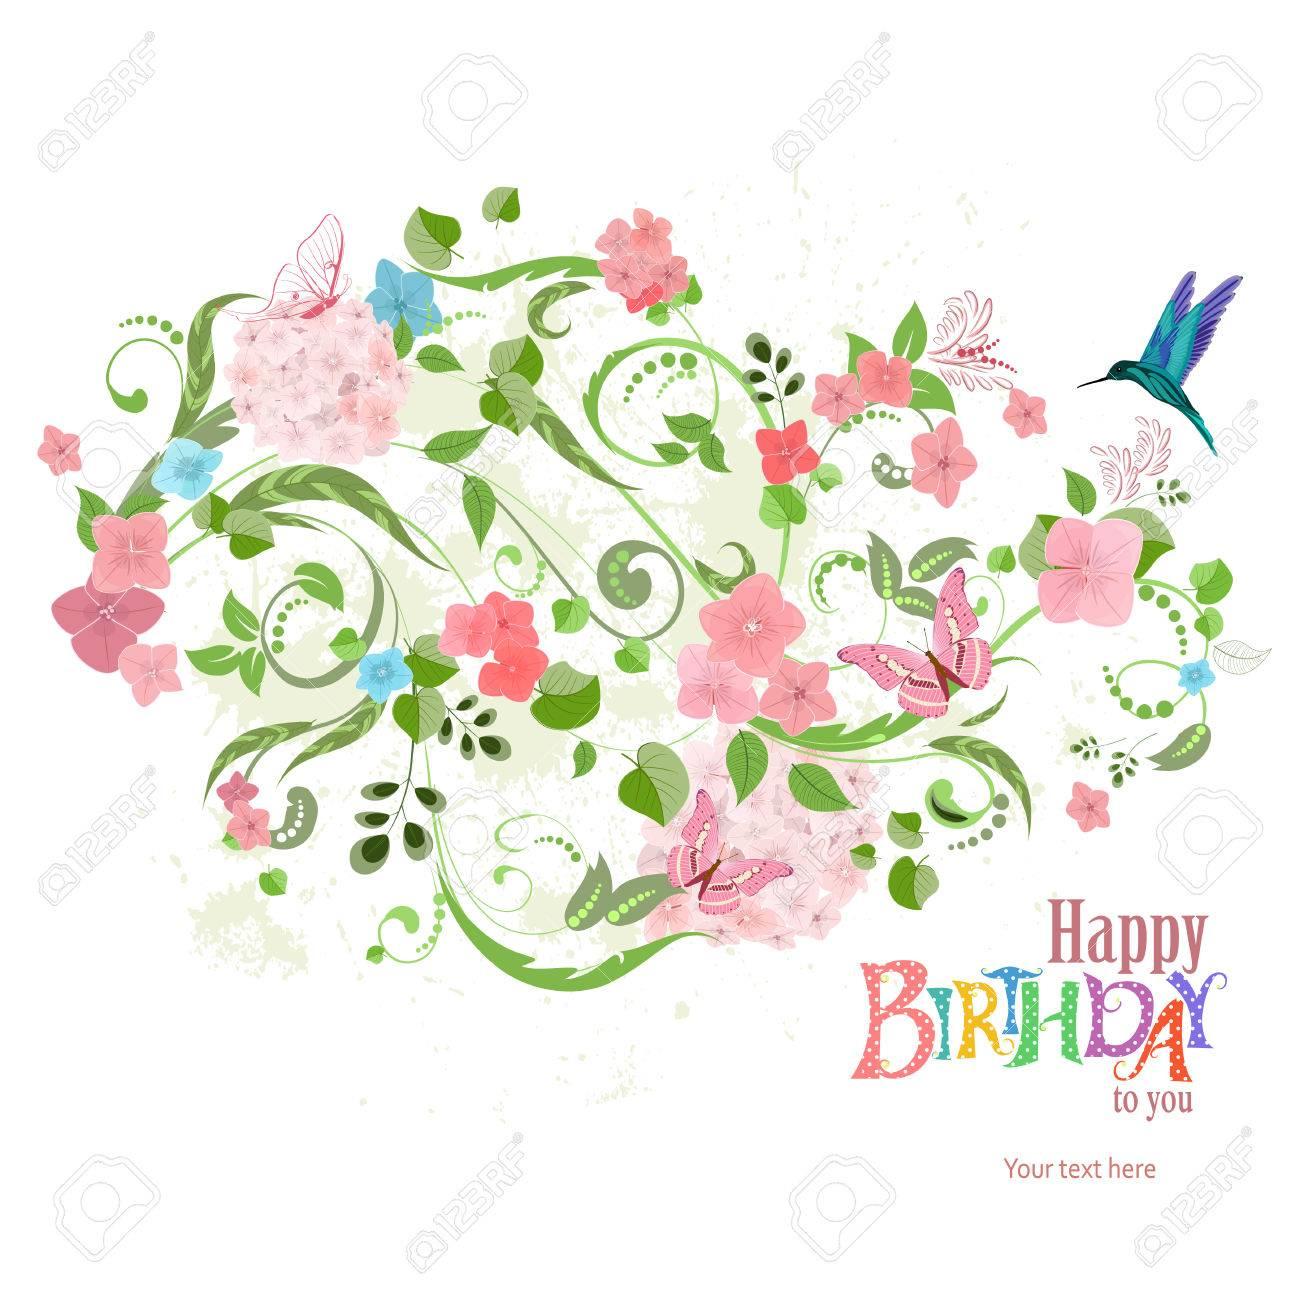 Einladungskarte Mit Einem Schönen Blumenverzierung Für Ihren Entwurf